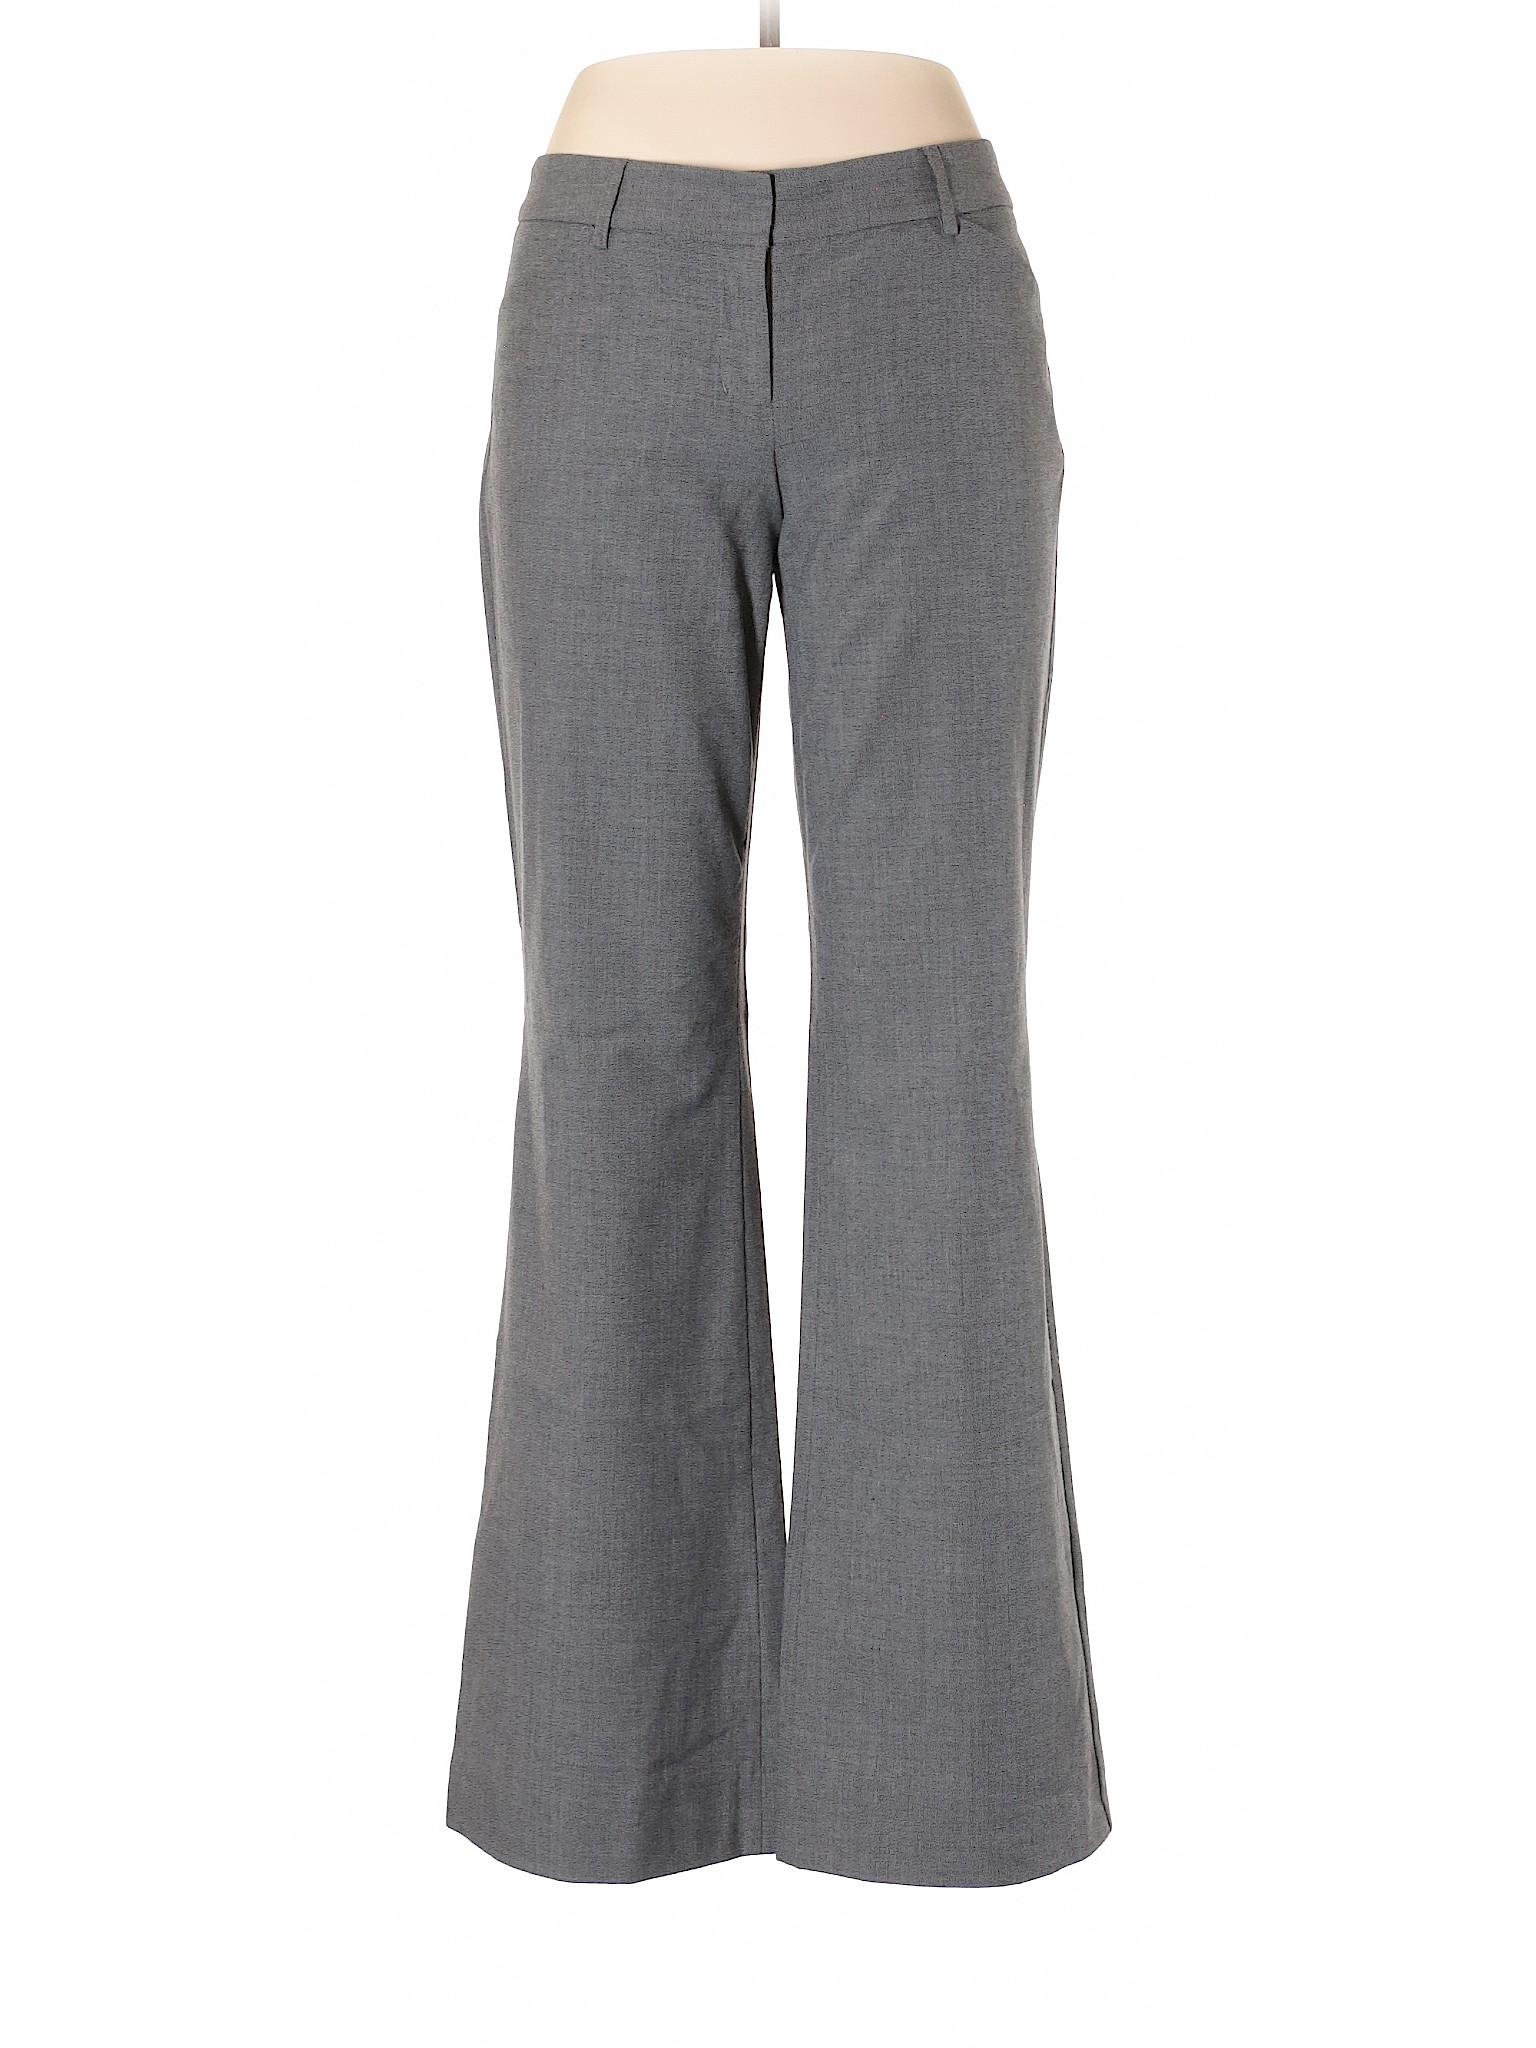 Boutique Pants Express Studio Dress Leisure Design SwS1rxpqn